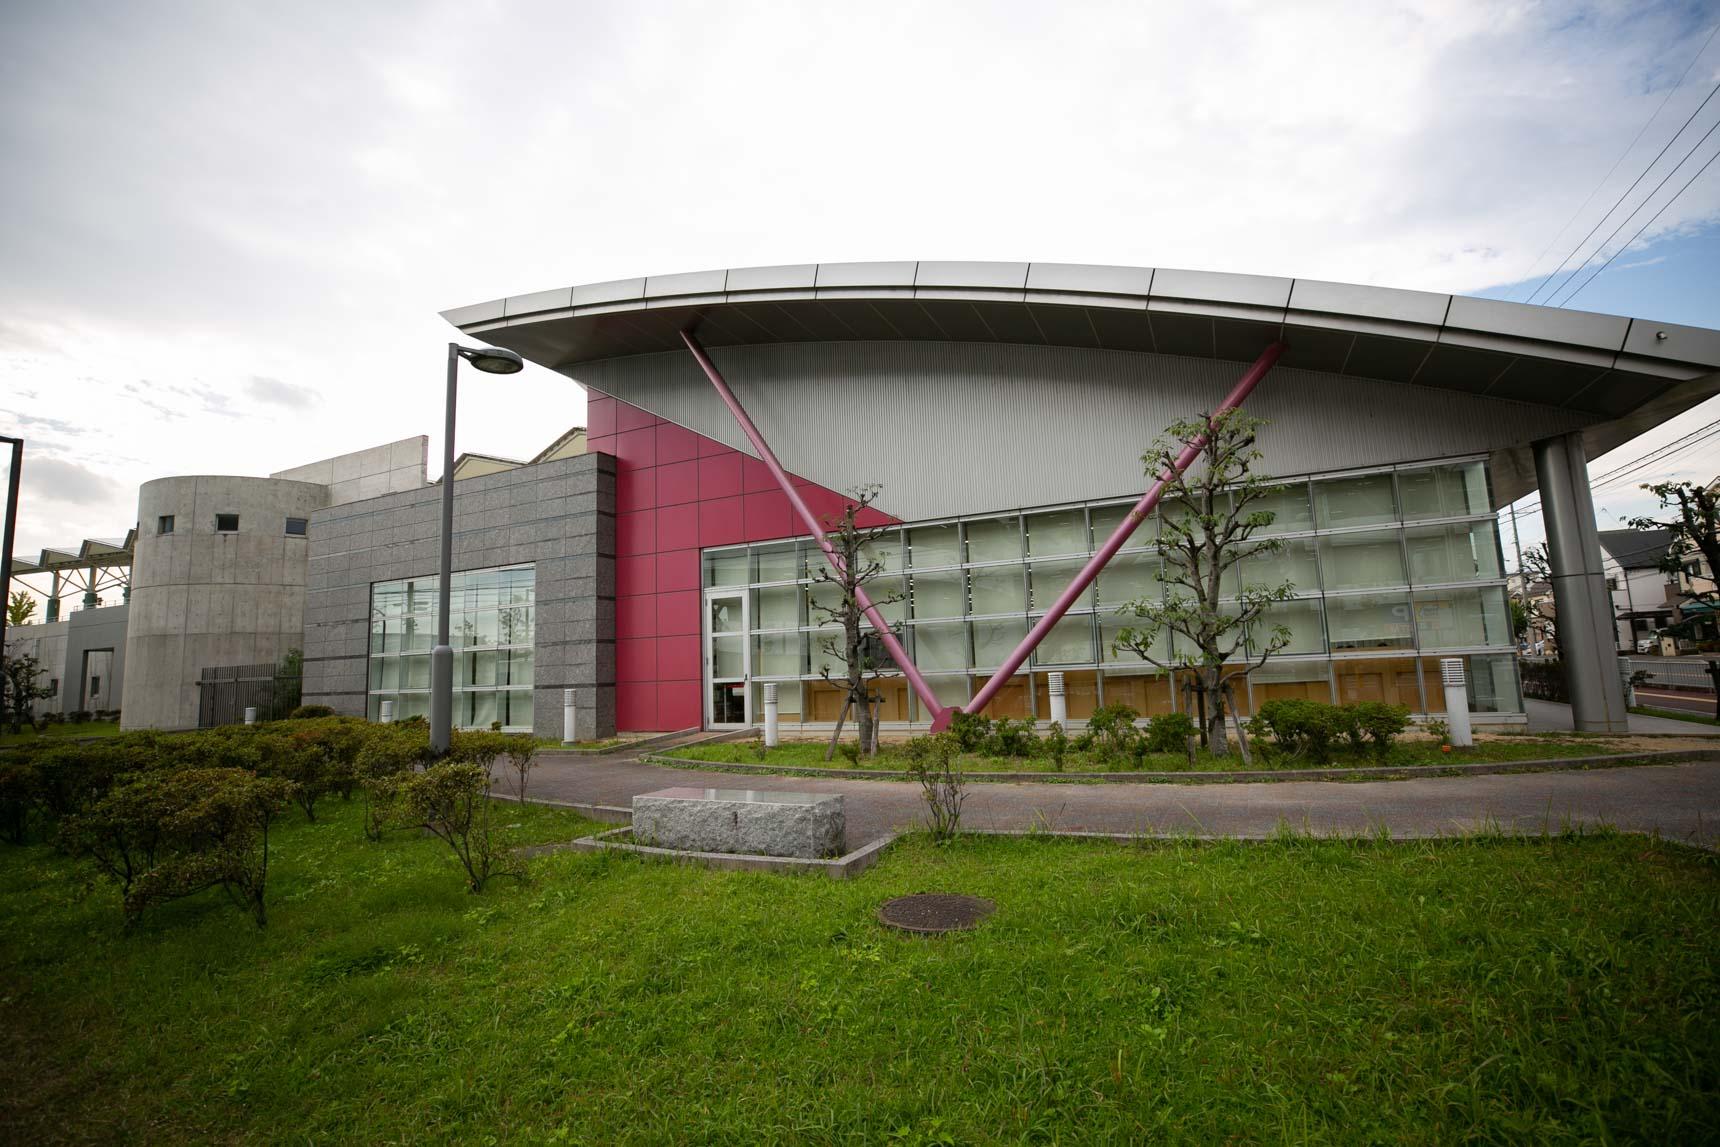 かっこいい建物のこちらは、「芝生図書館」と「高槻市立市民プール」。市民プールには、フィットネスルームやスタジオも併設されています。